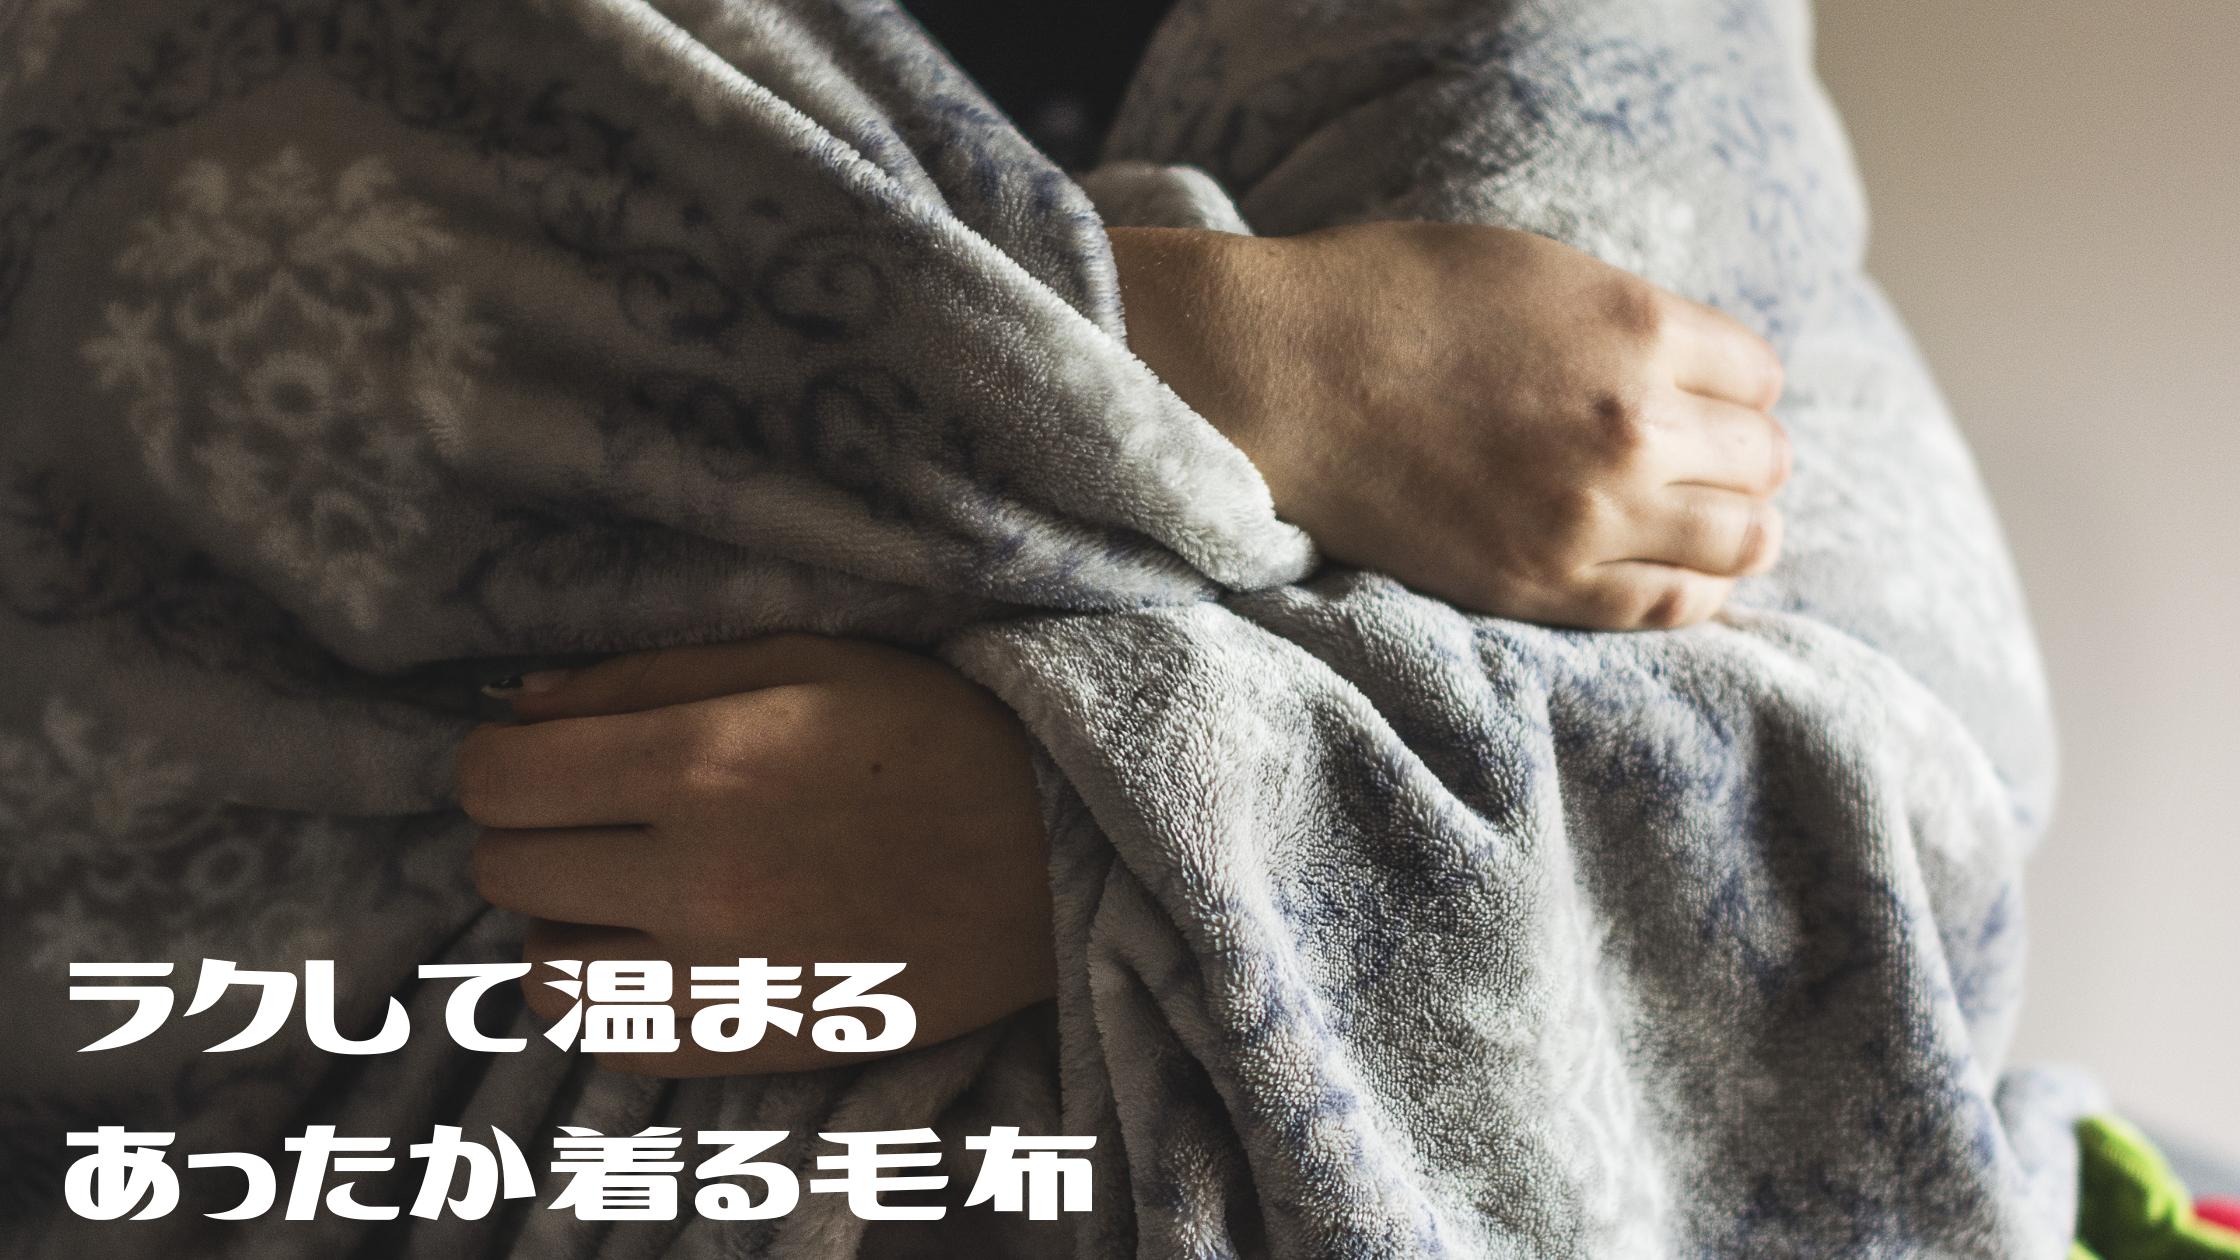 【めざましテレビ】手軽にあたっか『モフモフ』『ヒーター付き』【着る毛布】